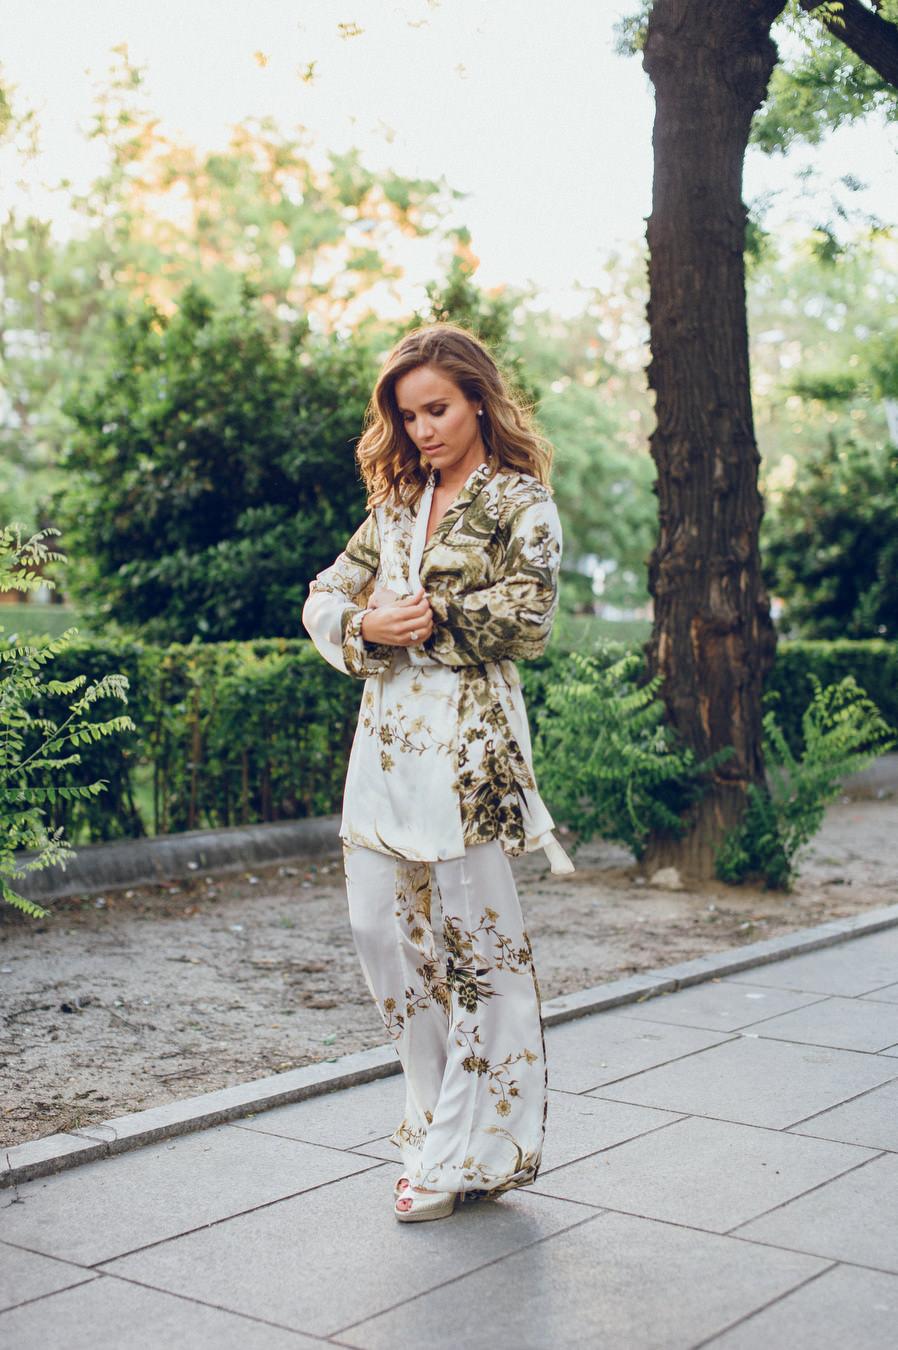 calista-one-lista-de-bodas-online-blog-de-bodas-bossanova-looks-invitadas-adriana-kimono-1